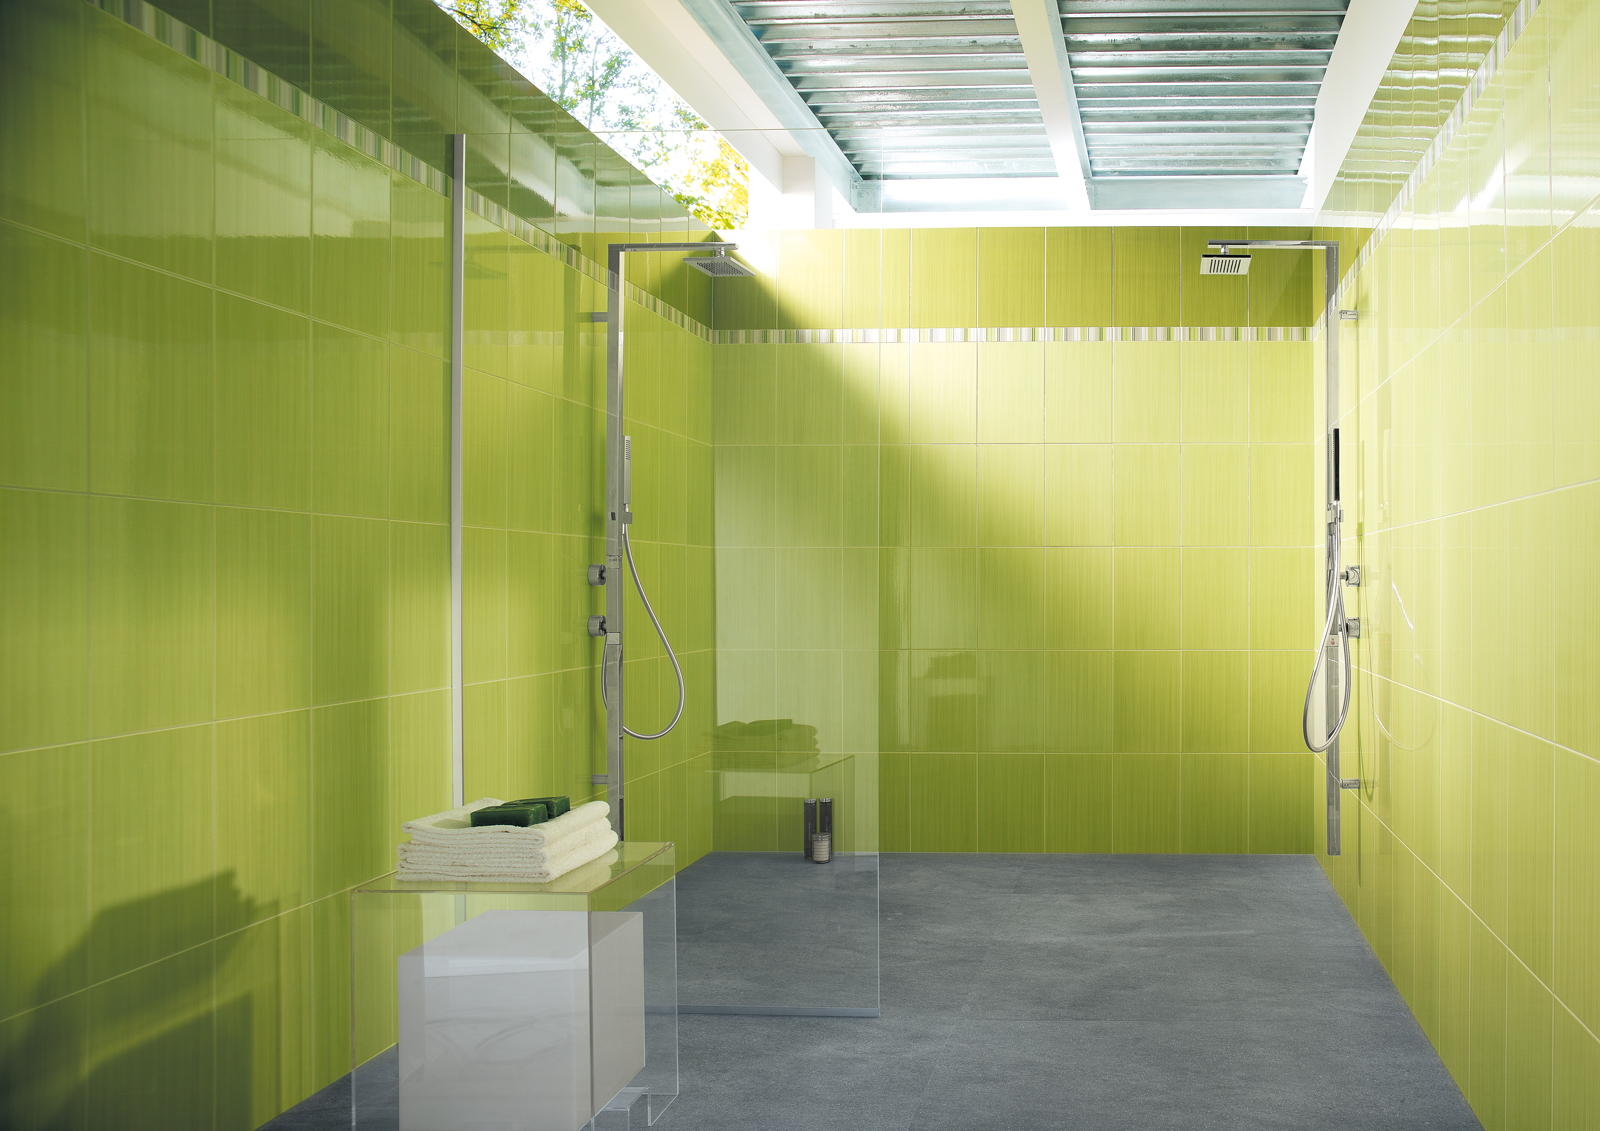 Azulejos Baño Verde Agua:Vertical – azulejos en cerámica para revestimiento baño